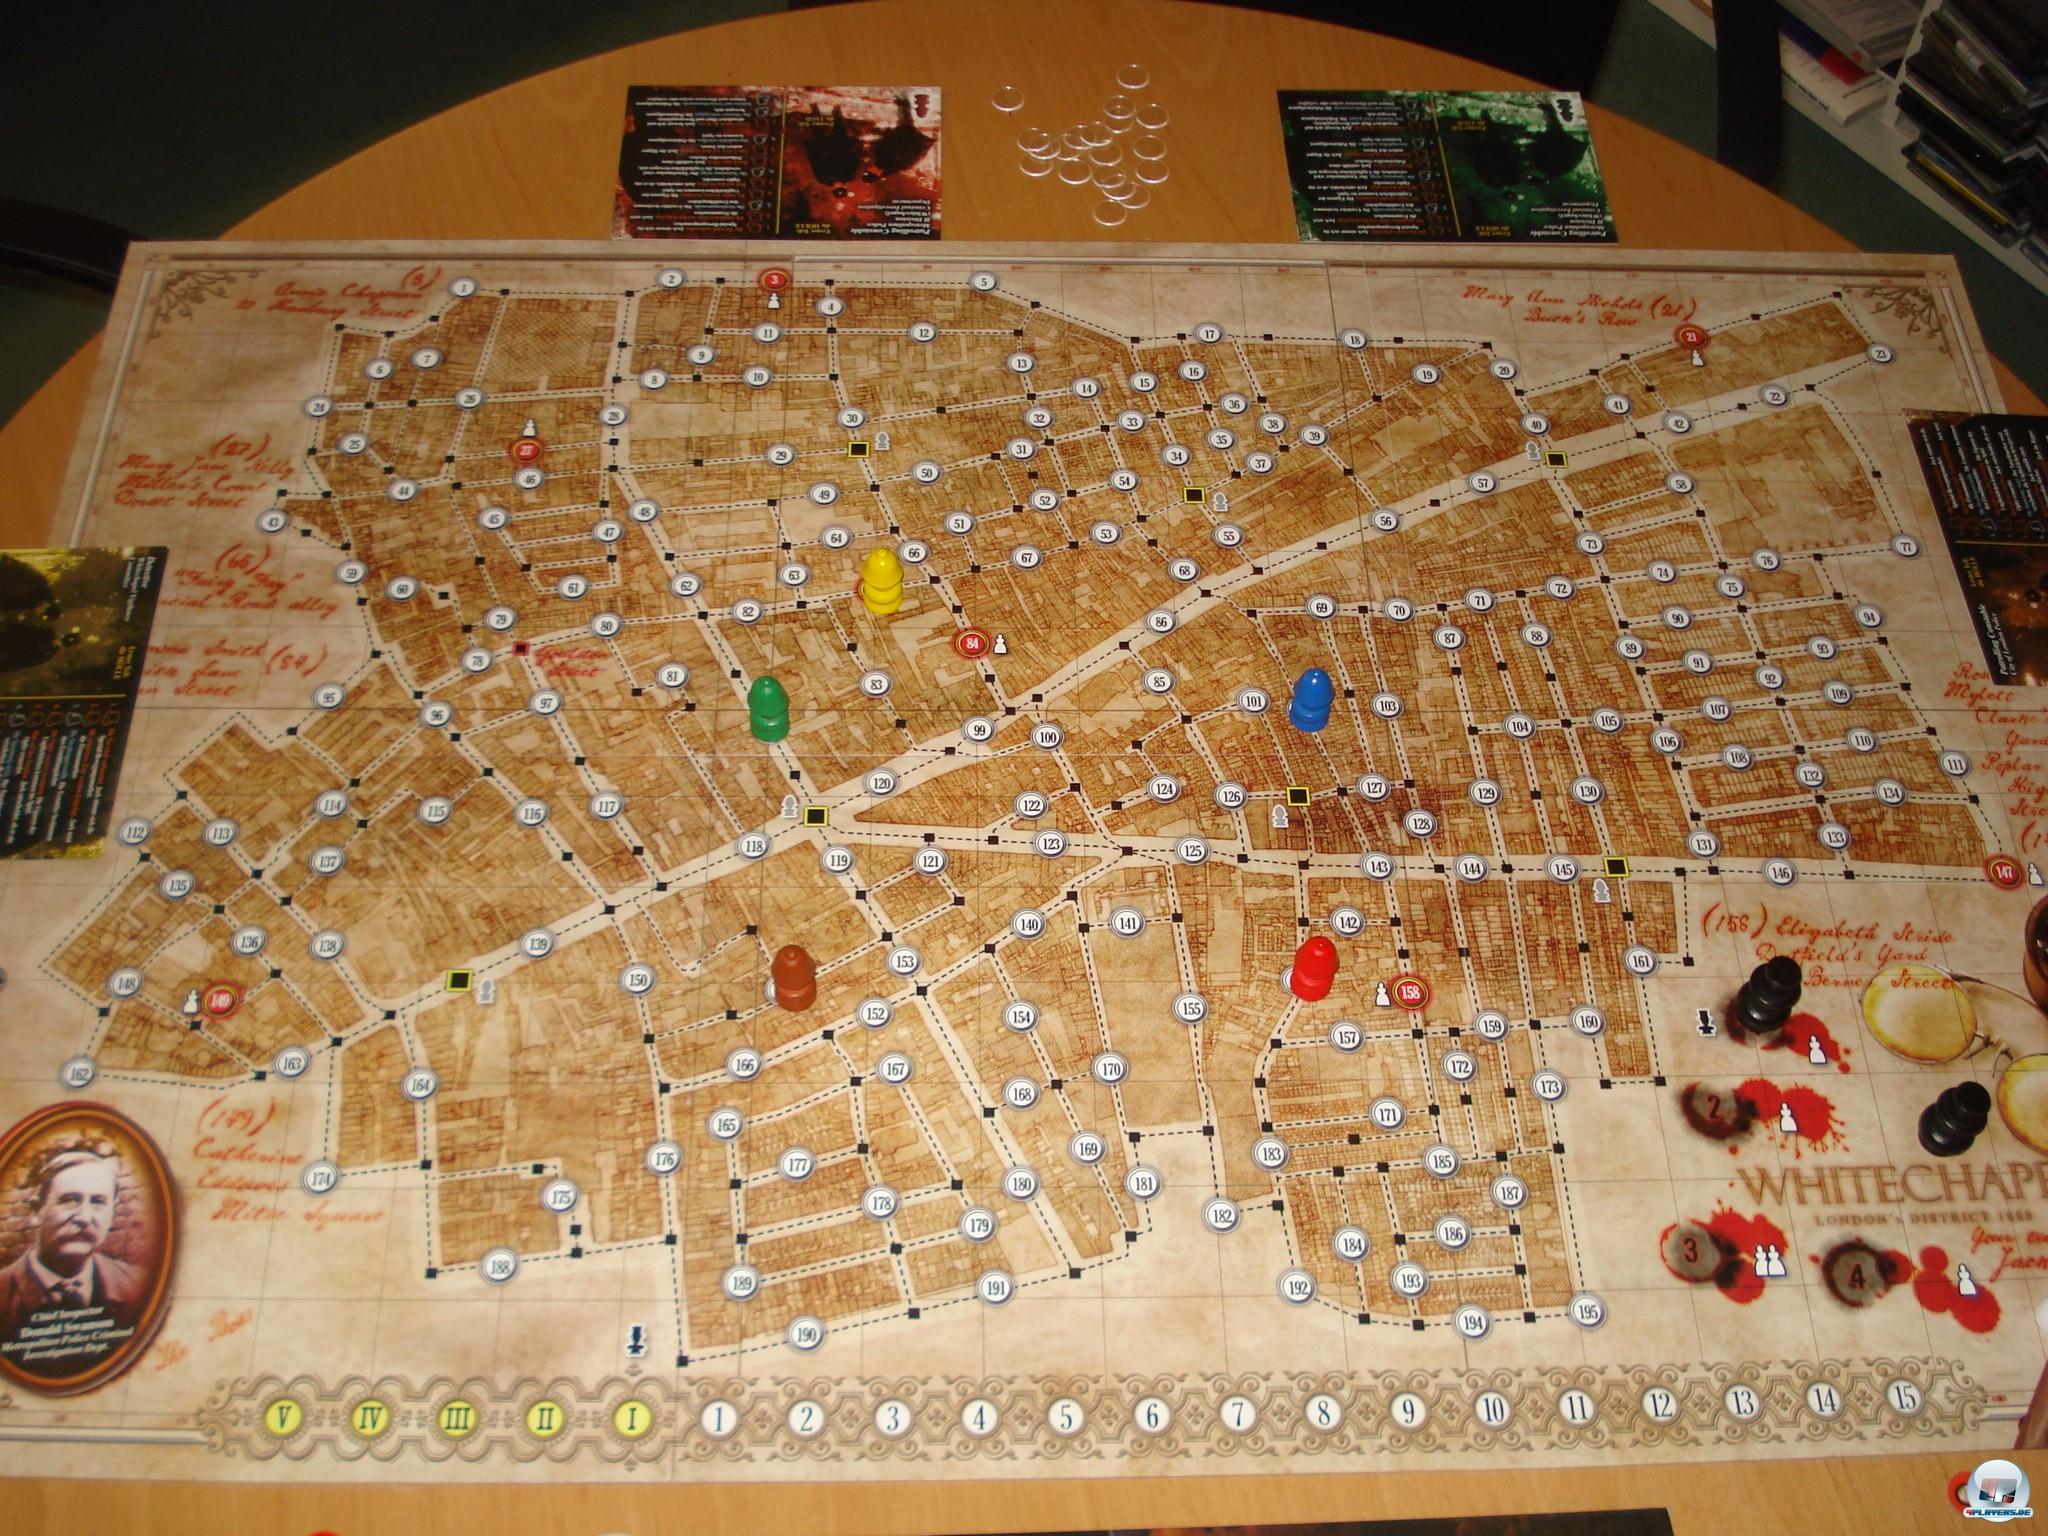 Bis zu fünf Ermittler jagen Jack the Ripper durch ein Straßenlabyrinth.